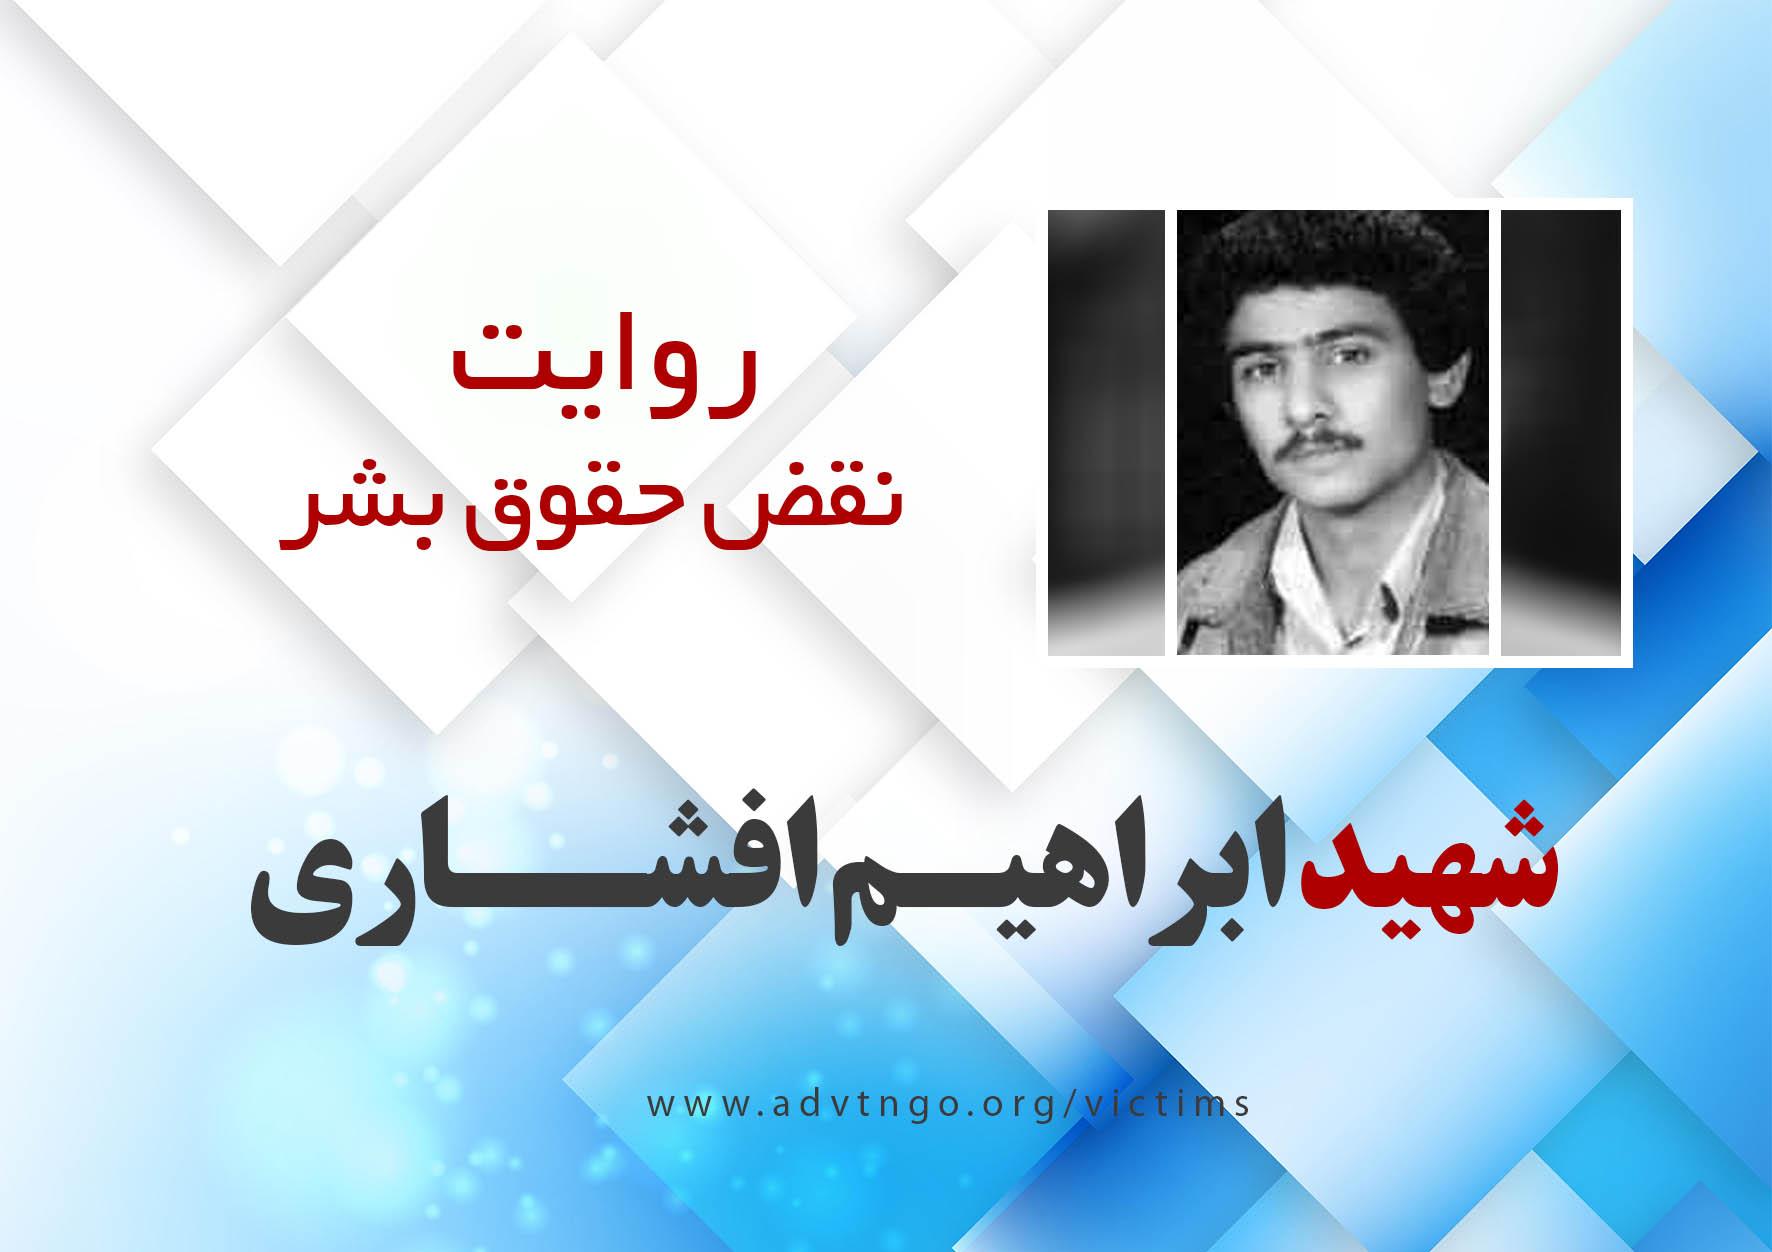 روایت نقض حقوق بشر؛ شهید ابراهیم افشاری